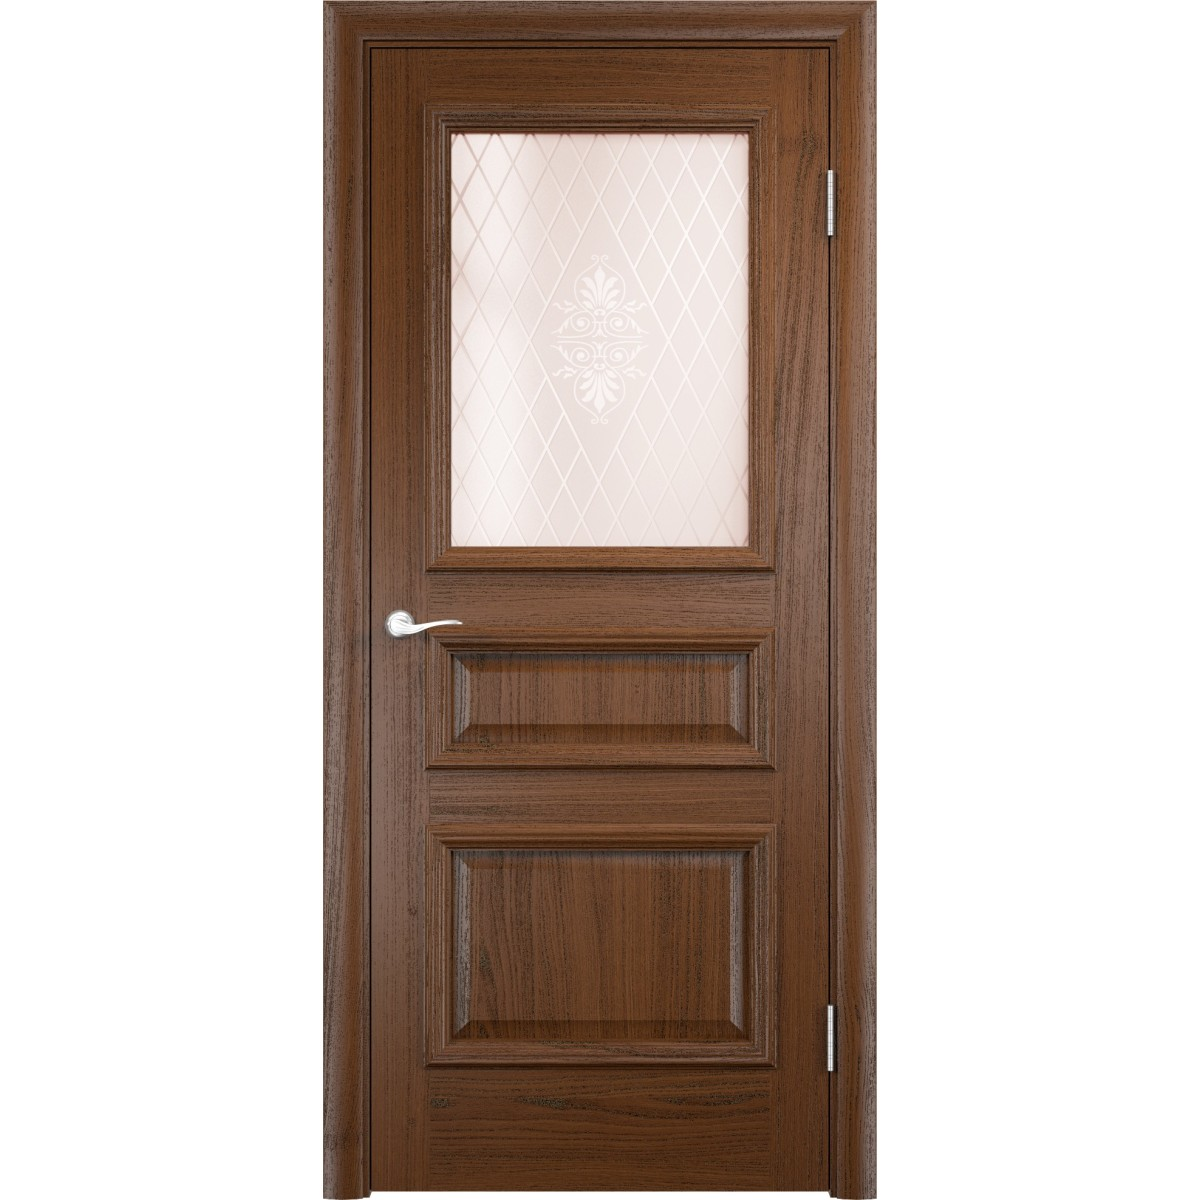 Дверь Межкомнатная Остекленная Мадрид 90Х200 Шпон Цвет Дуб Тёмный